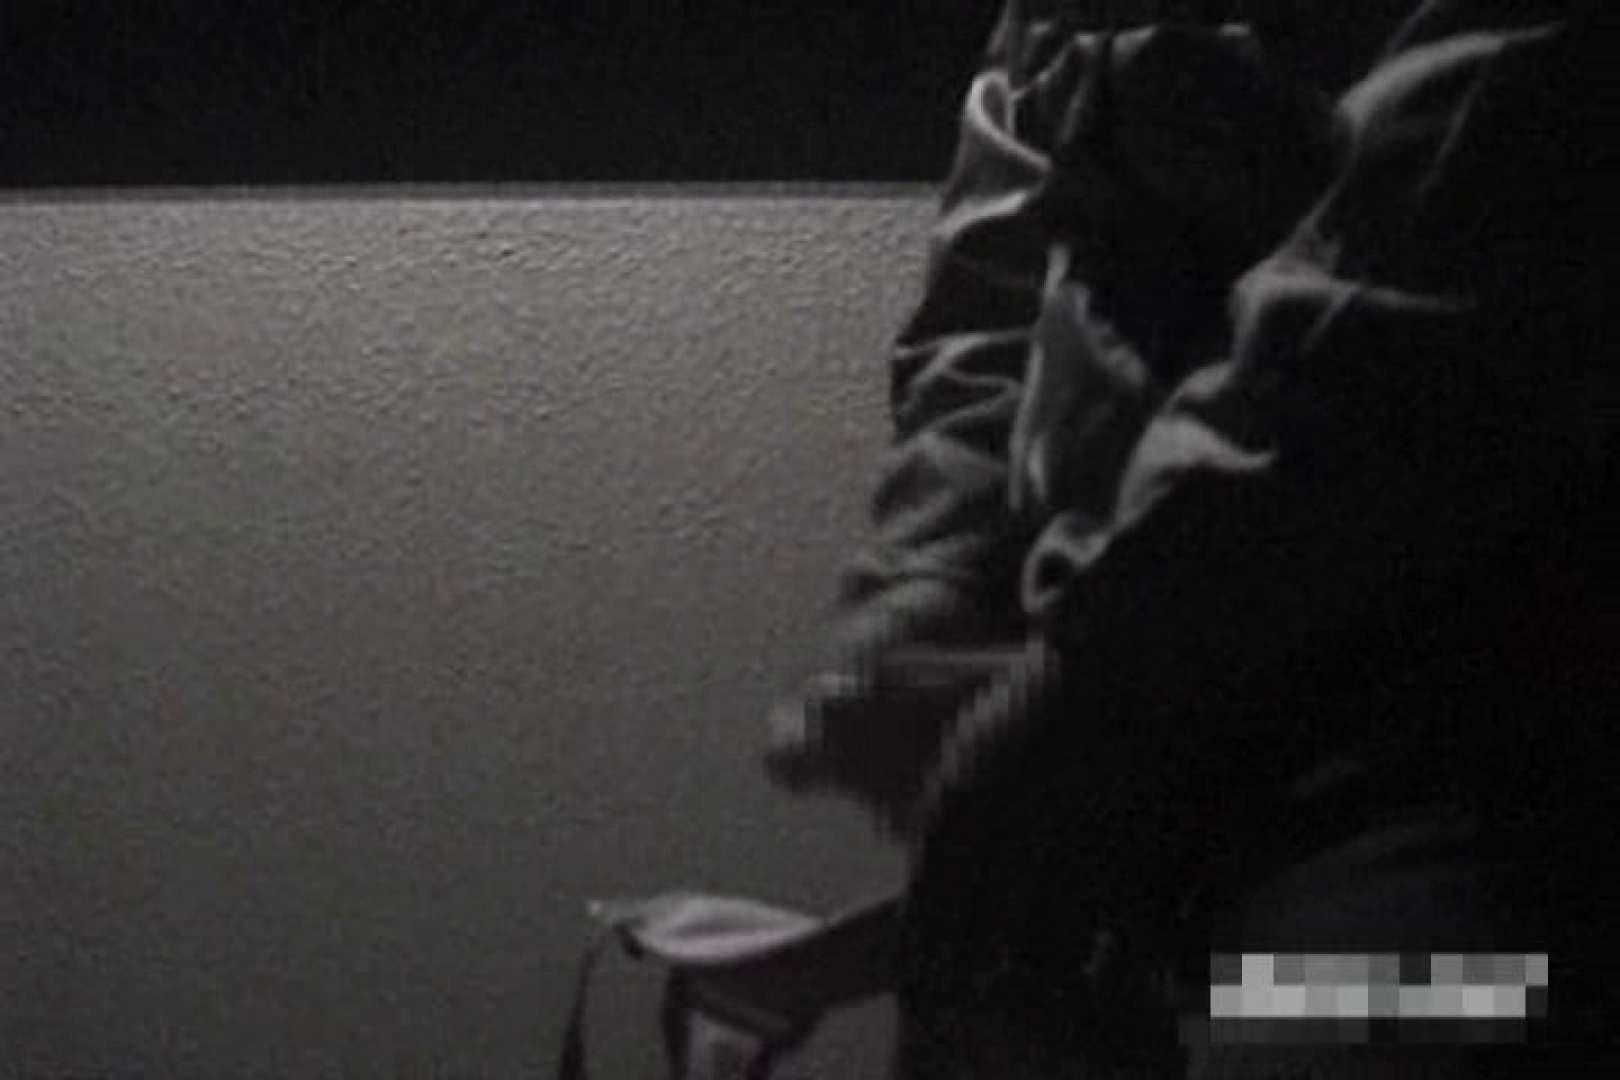 深夜の撮影会Vol.2 脱衣所の着替え 濡れ場動画紹介 95画像 17